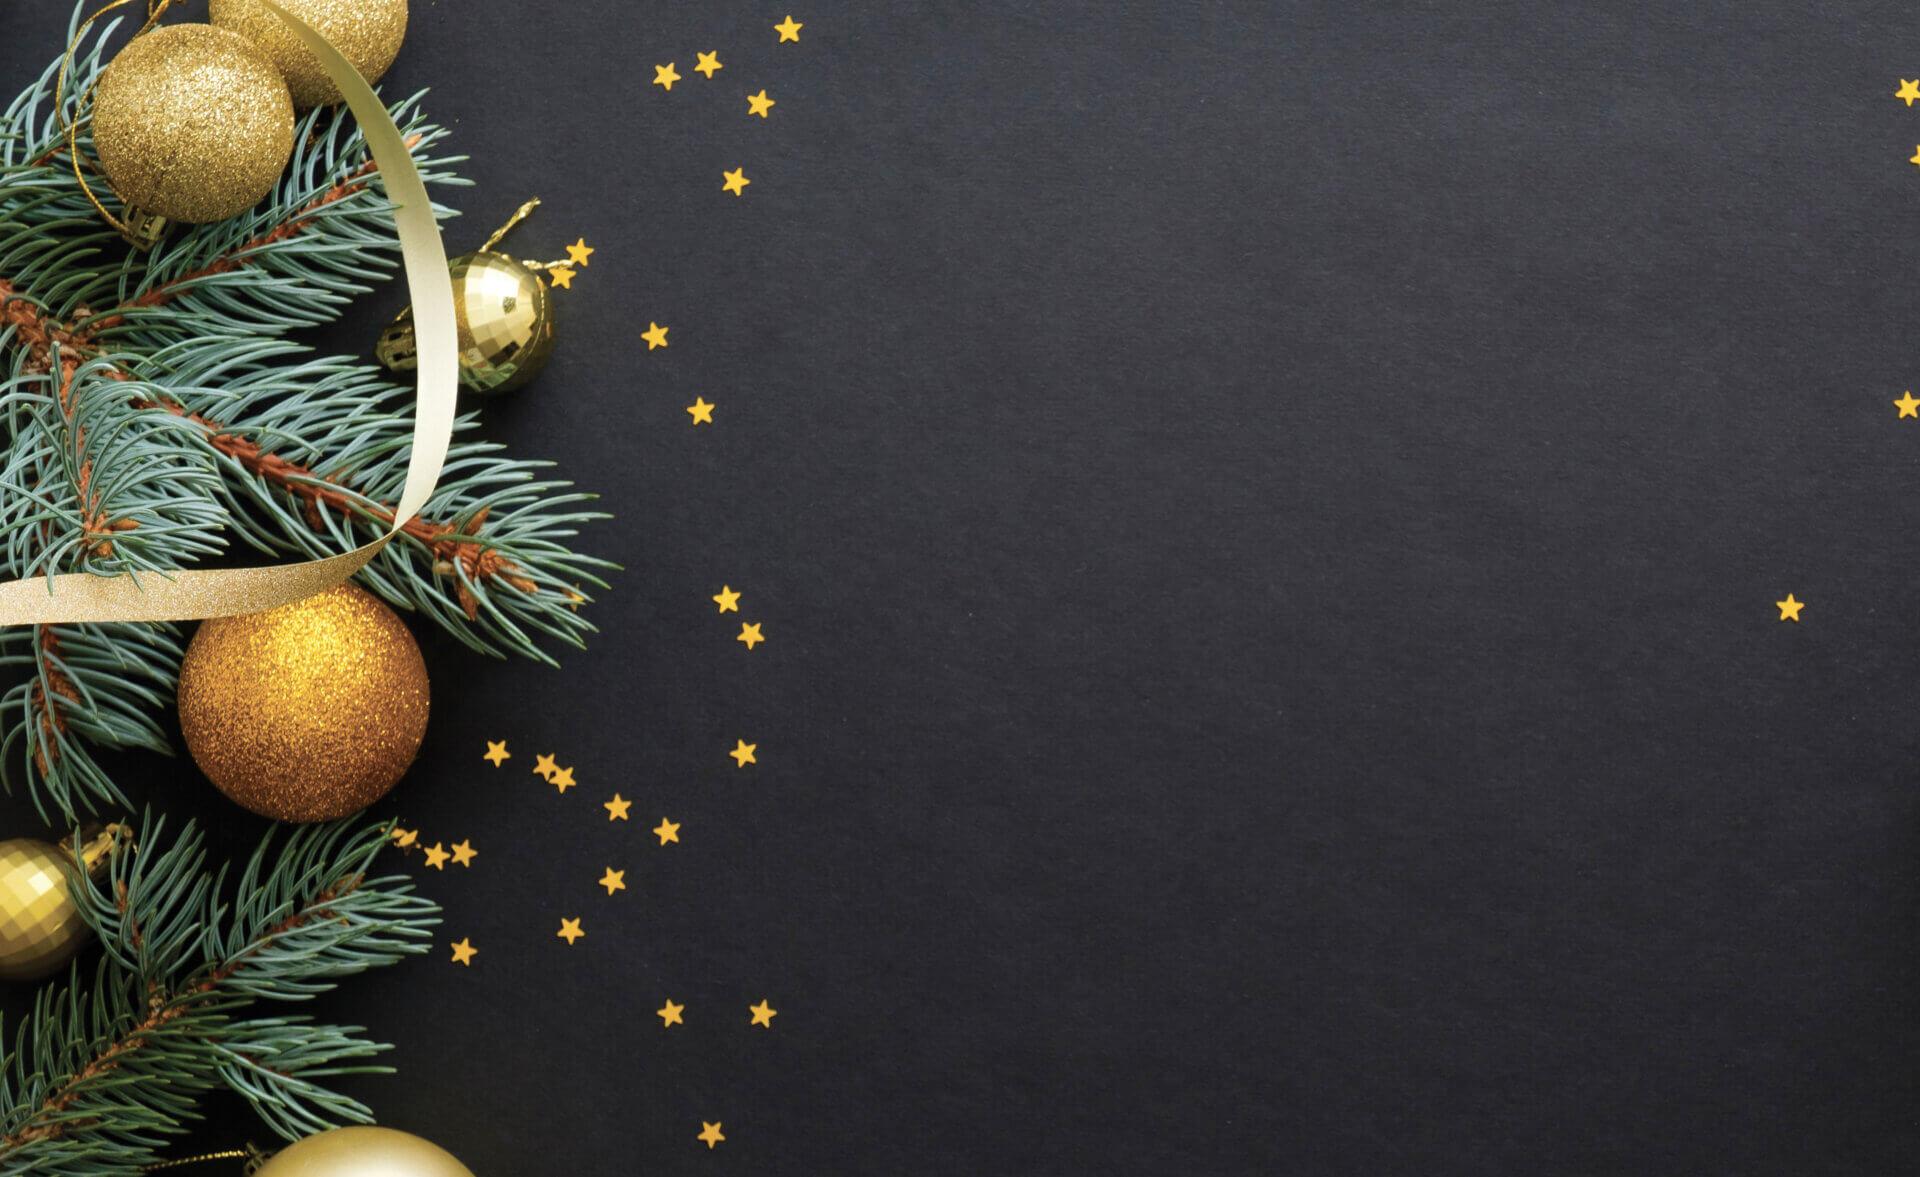 Conférence : Sapin de Noël, forêts et bois aux Fêtes – Facebook live